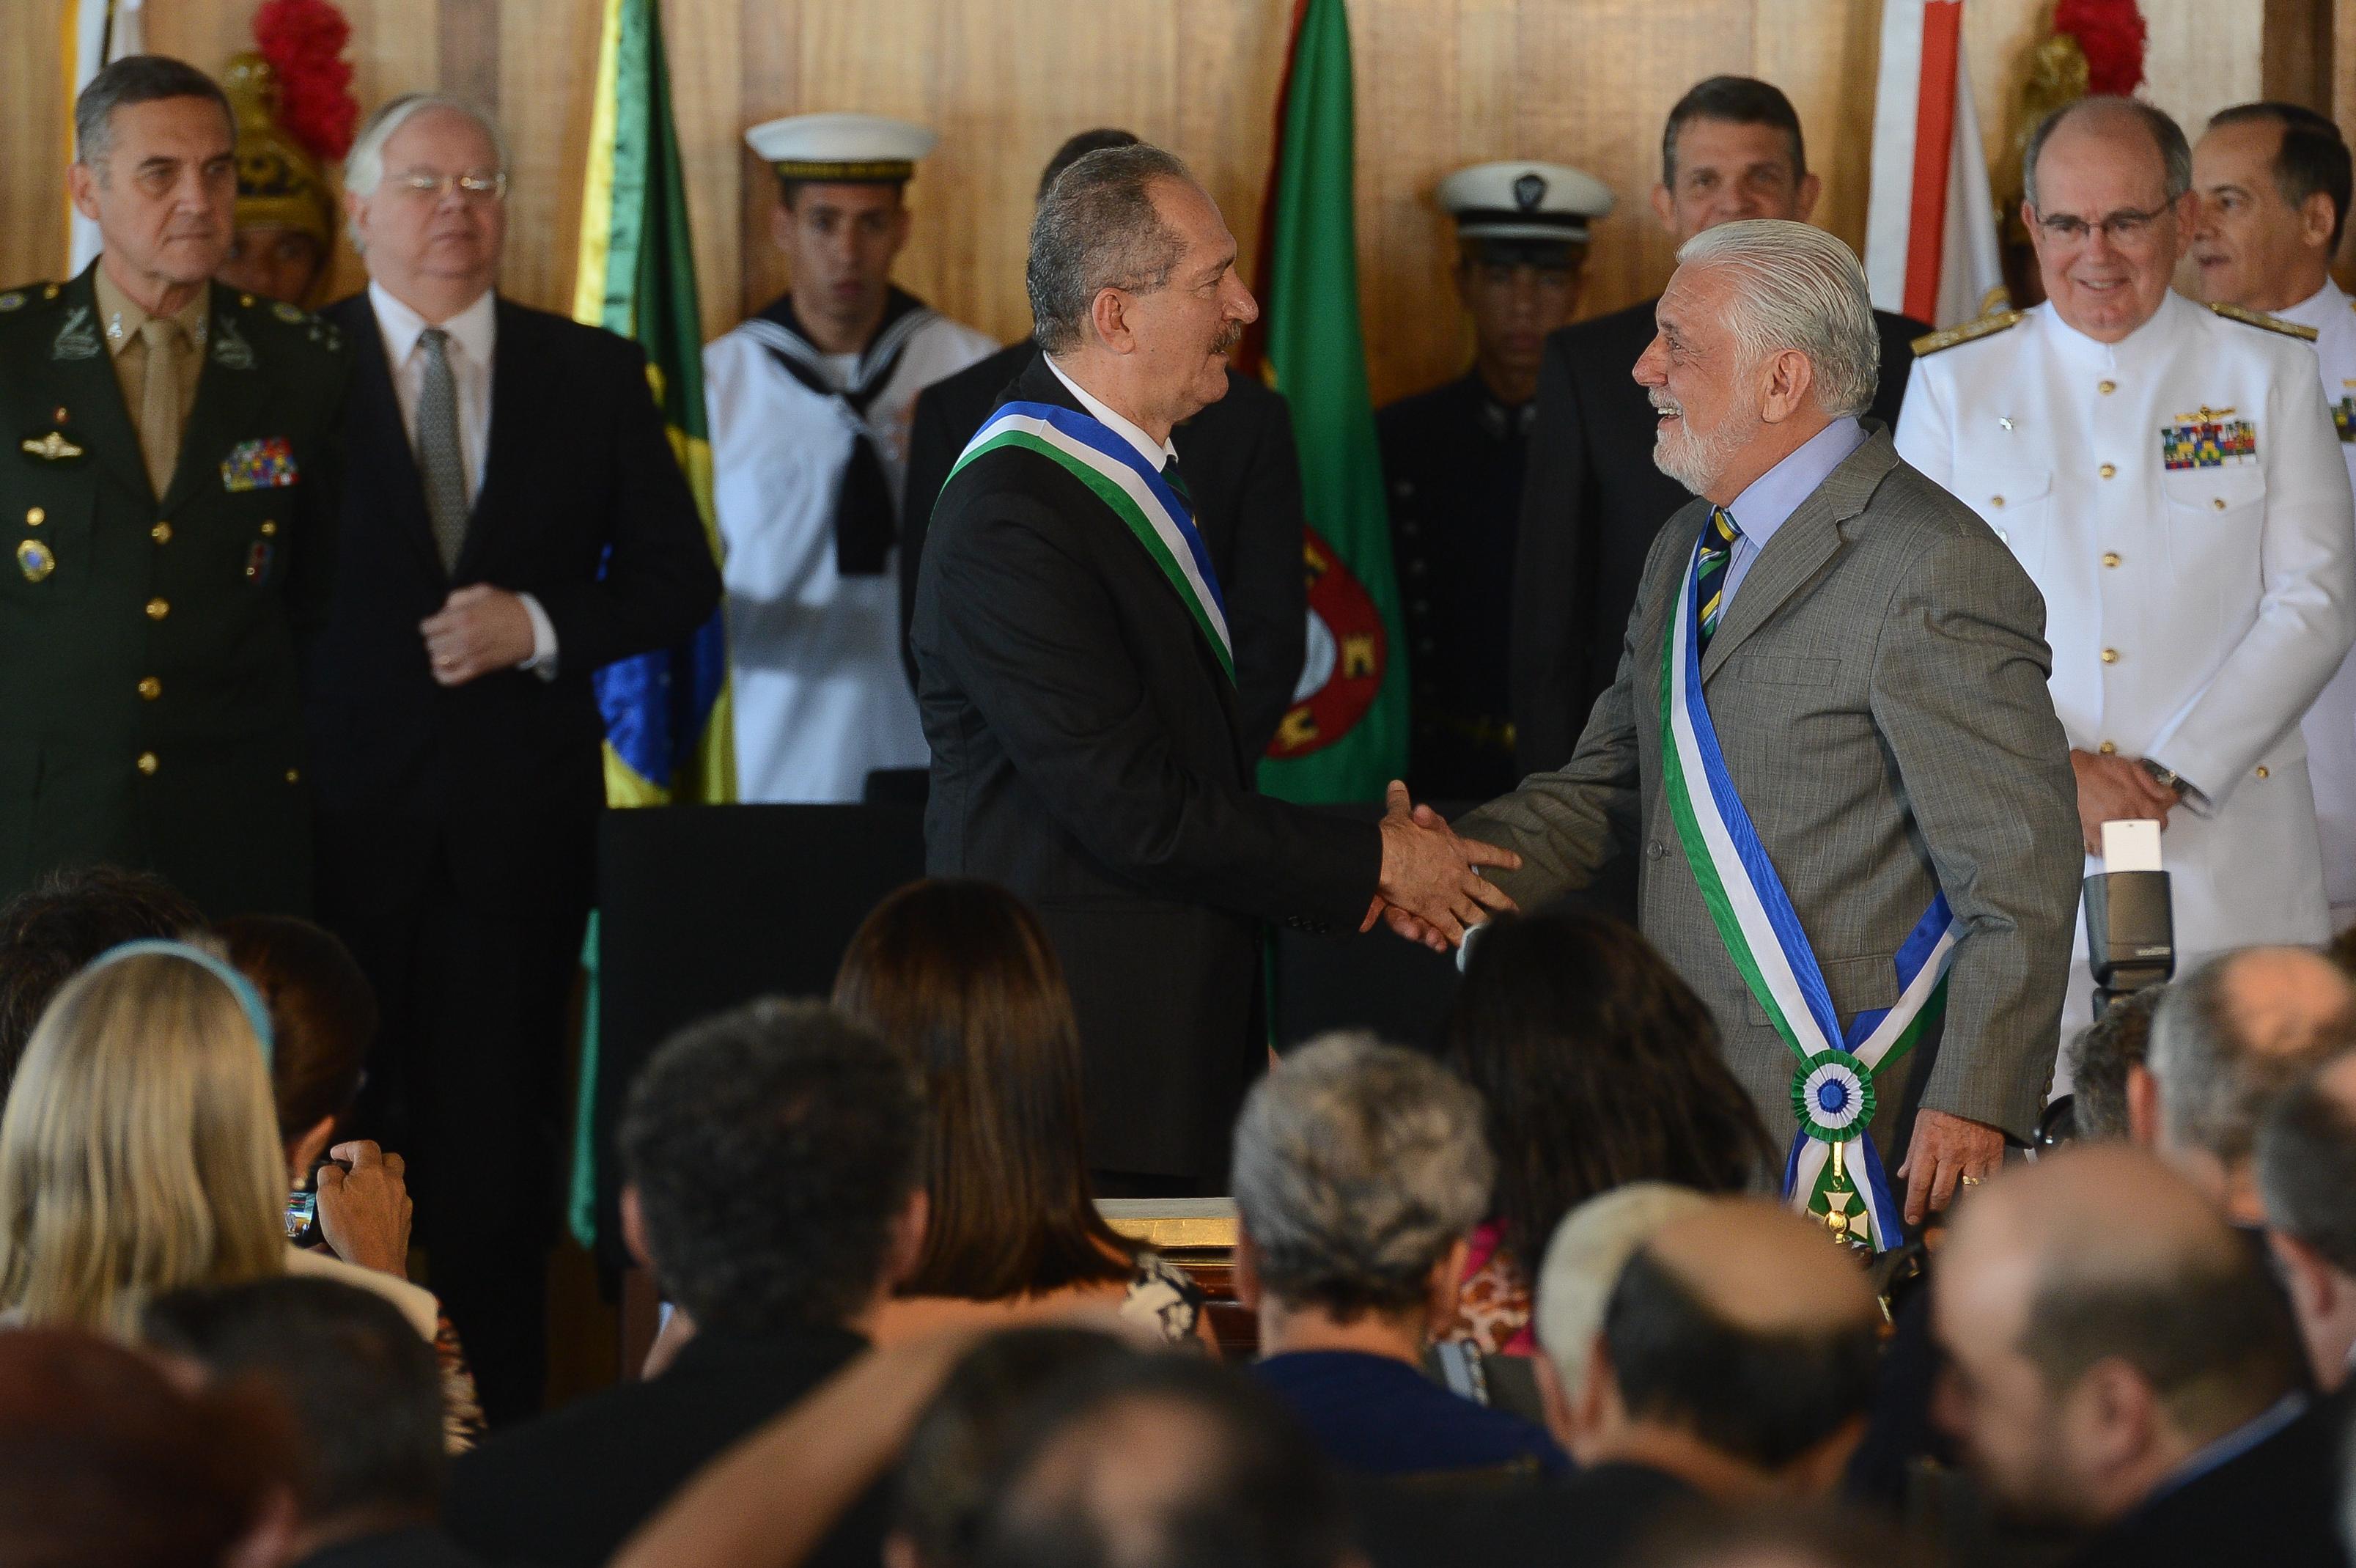 O ministro esquisito: 'inovações' e espírito criativo de Aldo Rebelo na Defesa dão margem a comentários irônicos nas Forças Armadas